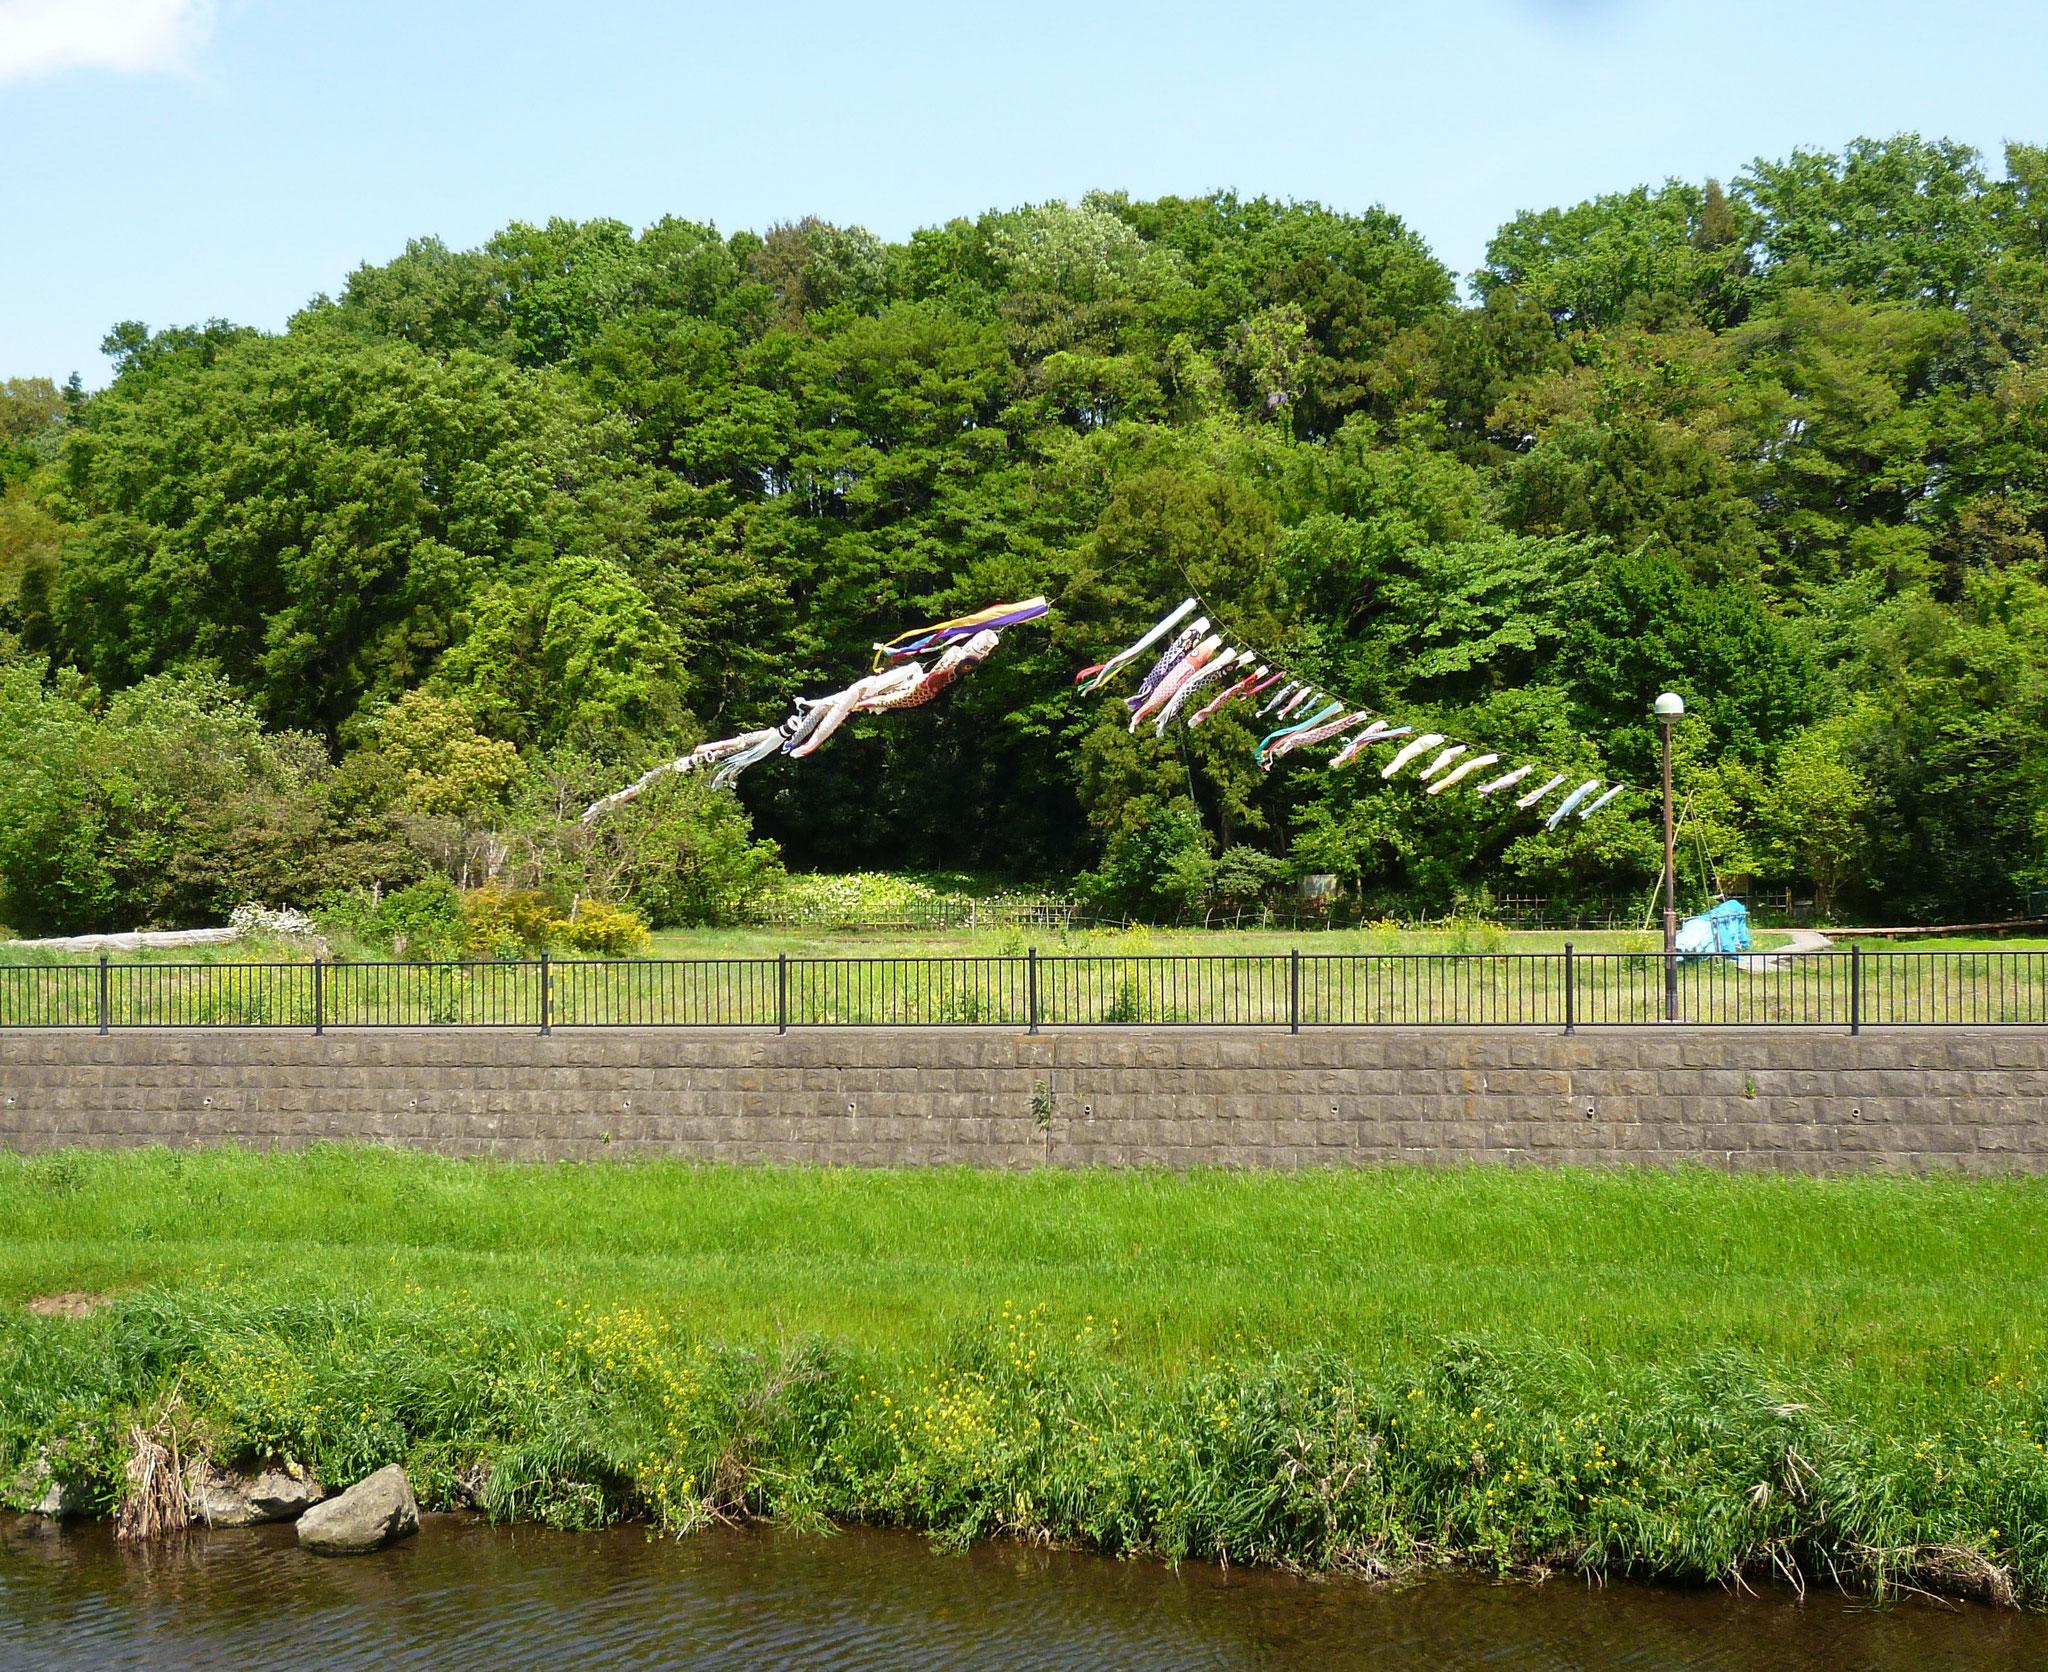 野川沿いの風景/鯉のぼり(h28.4.30)